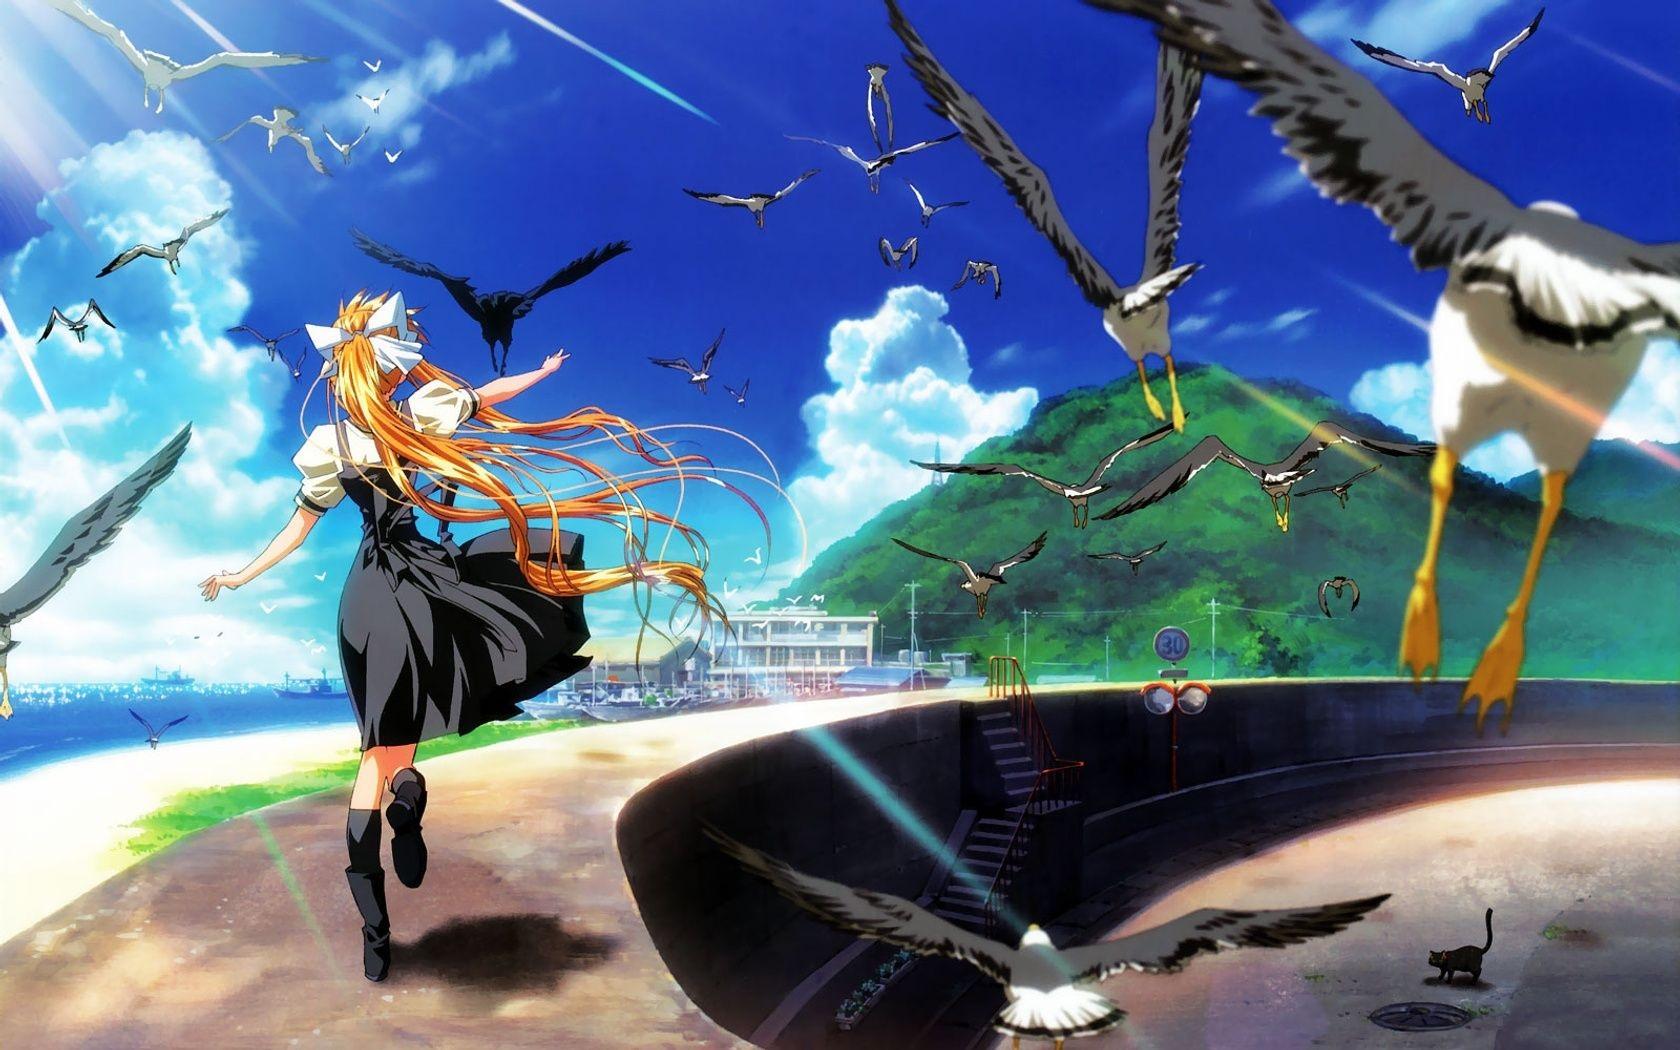 Air anime wallpaper